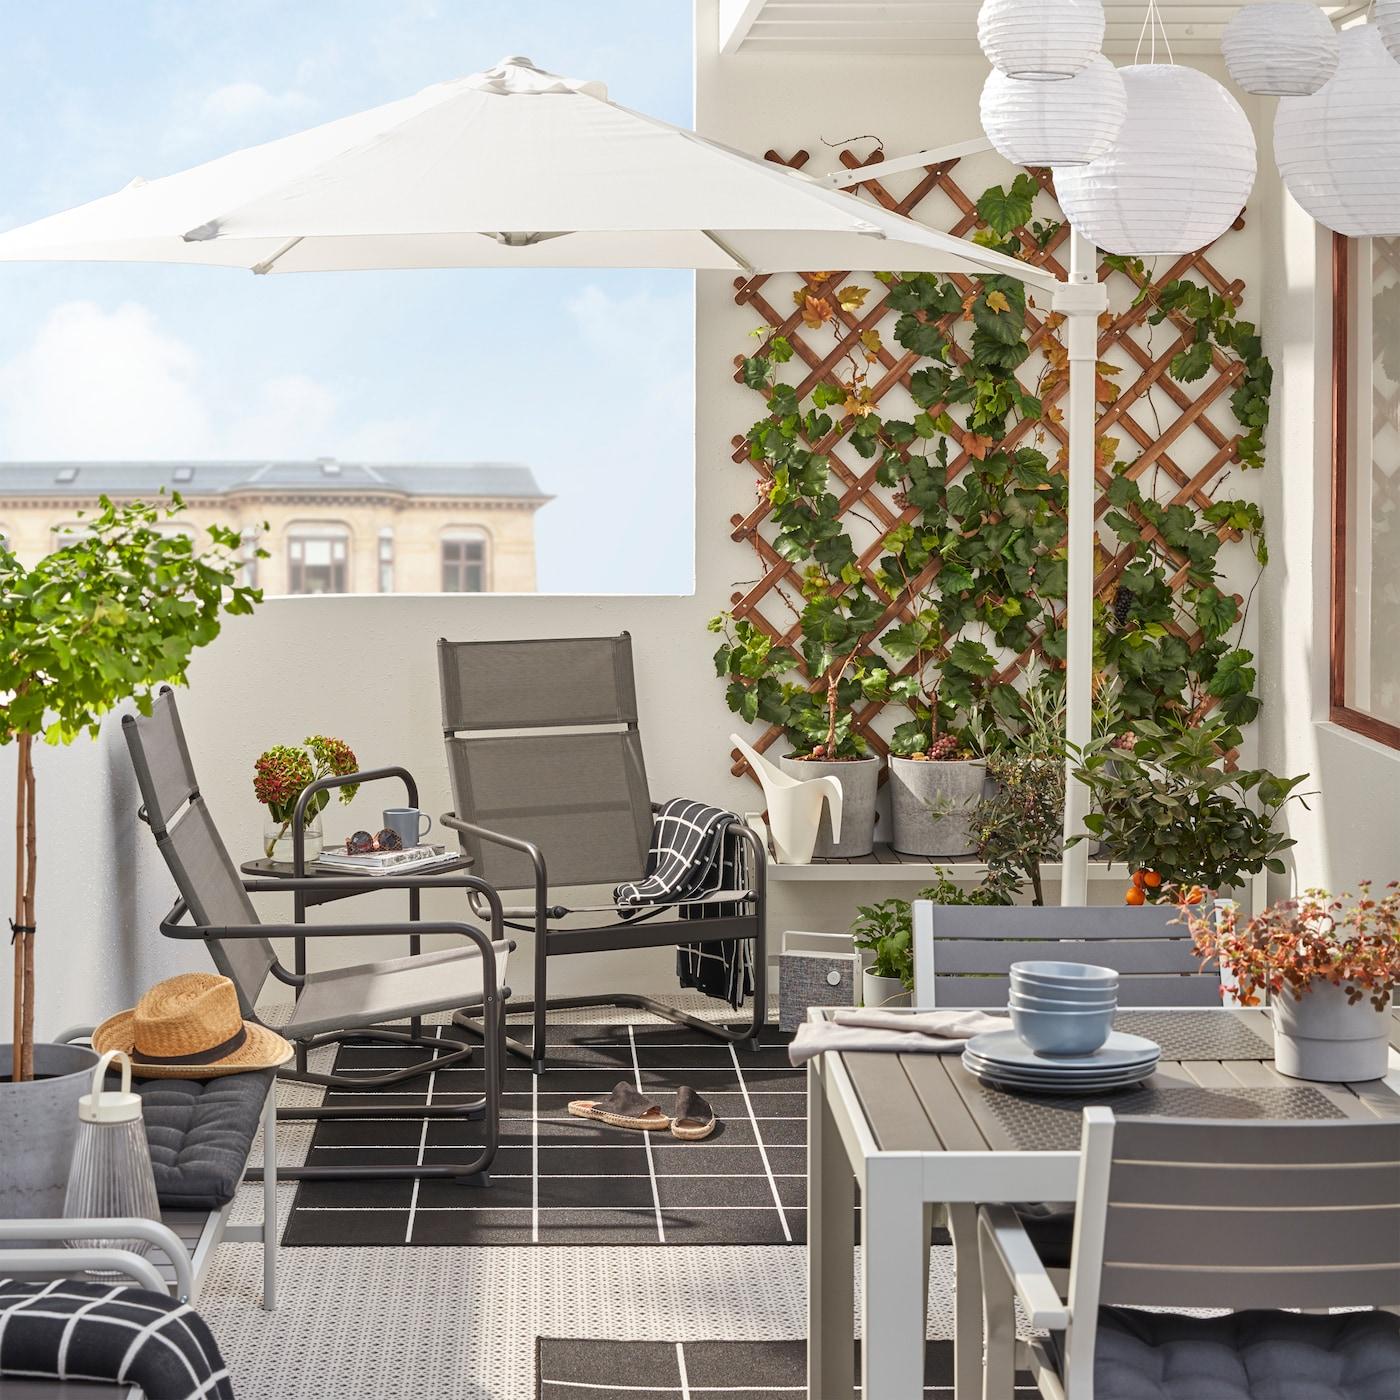 Divanetto Per Balcone Piccolo mobili da giardino e arredamento per esterni - ikea